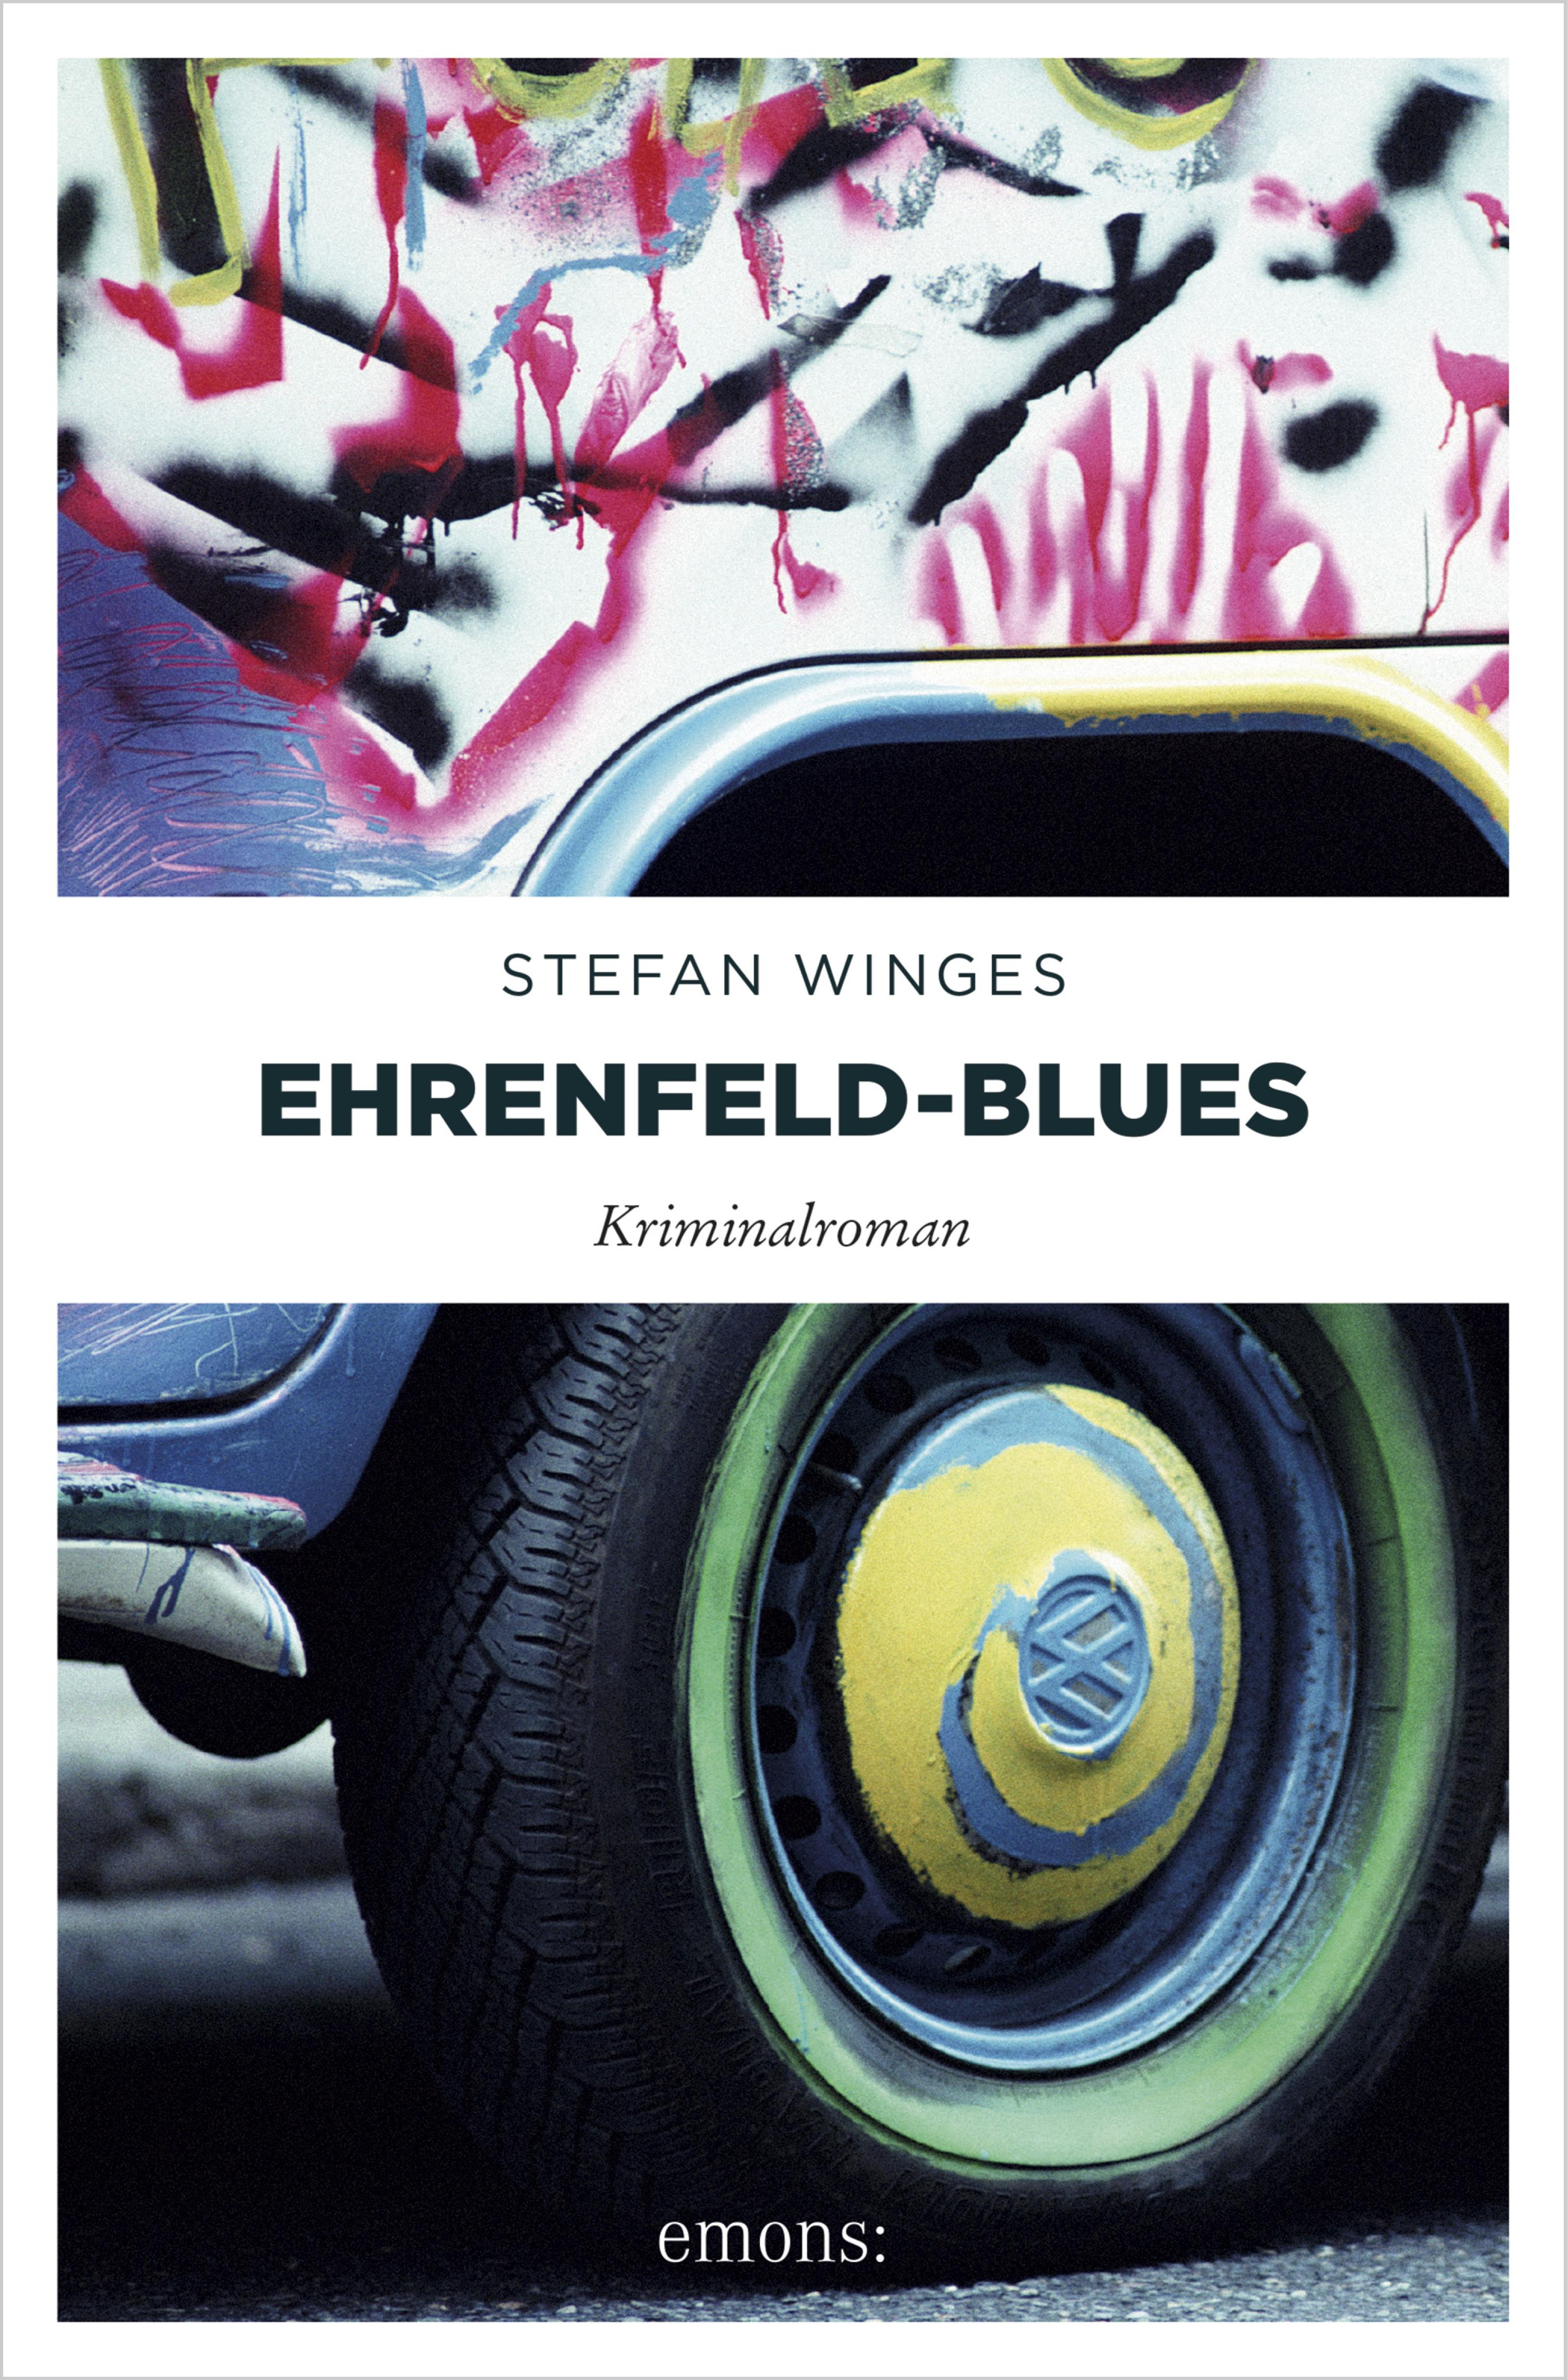 Stefan Winges Ehrenfeld-Blues